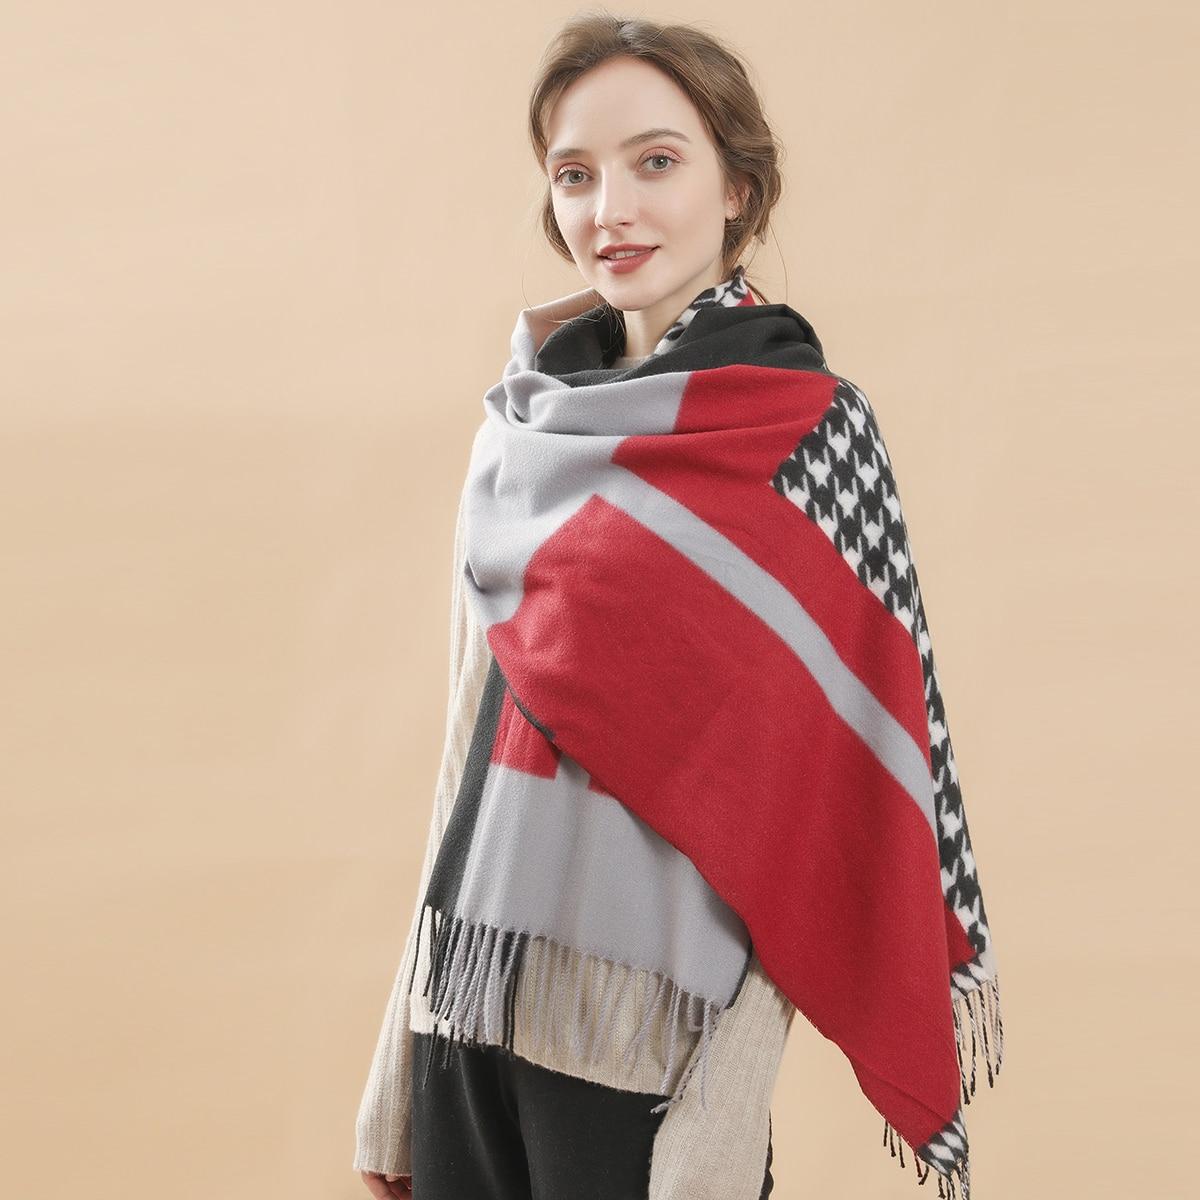 shein Pied-de-poule sjaal met zoom met franjes